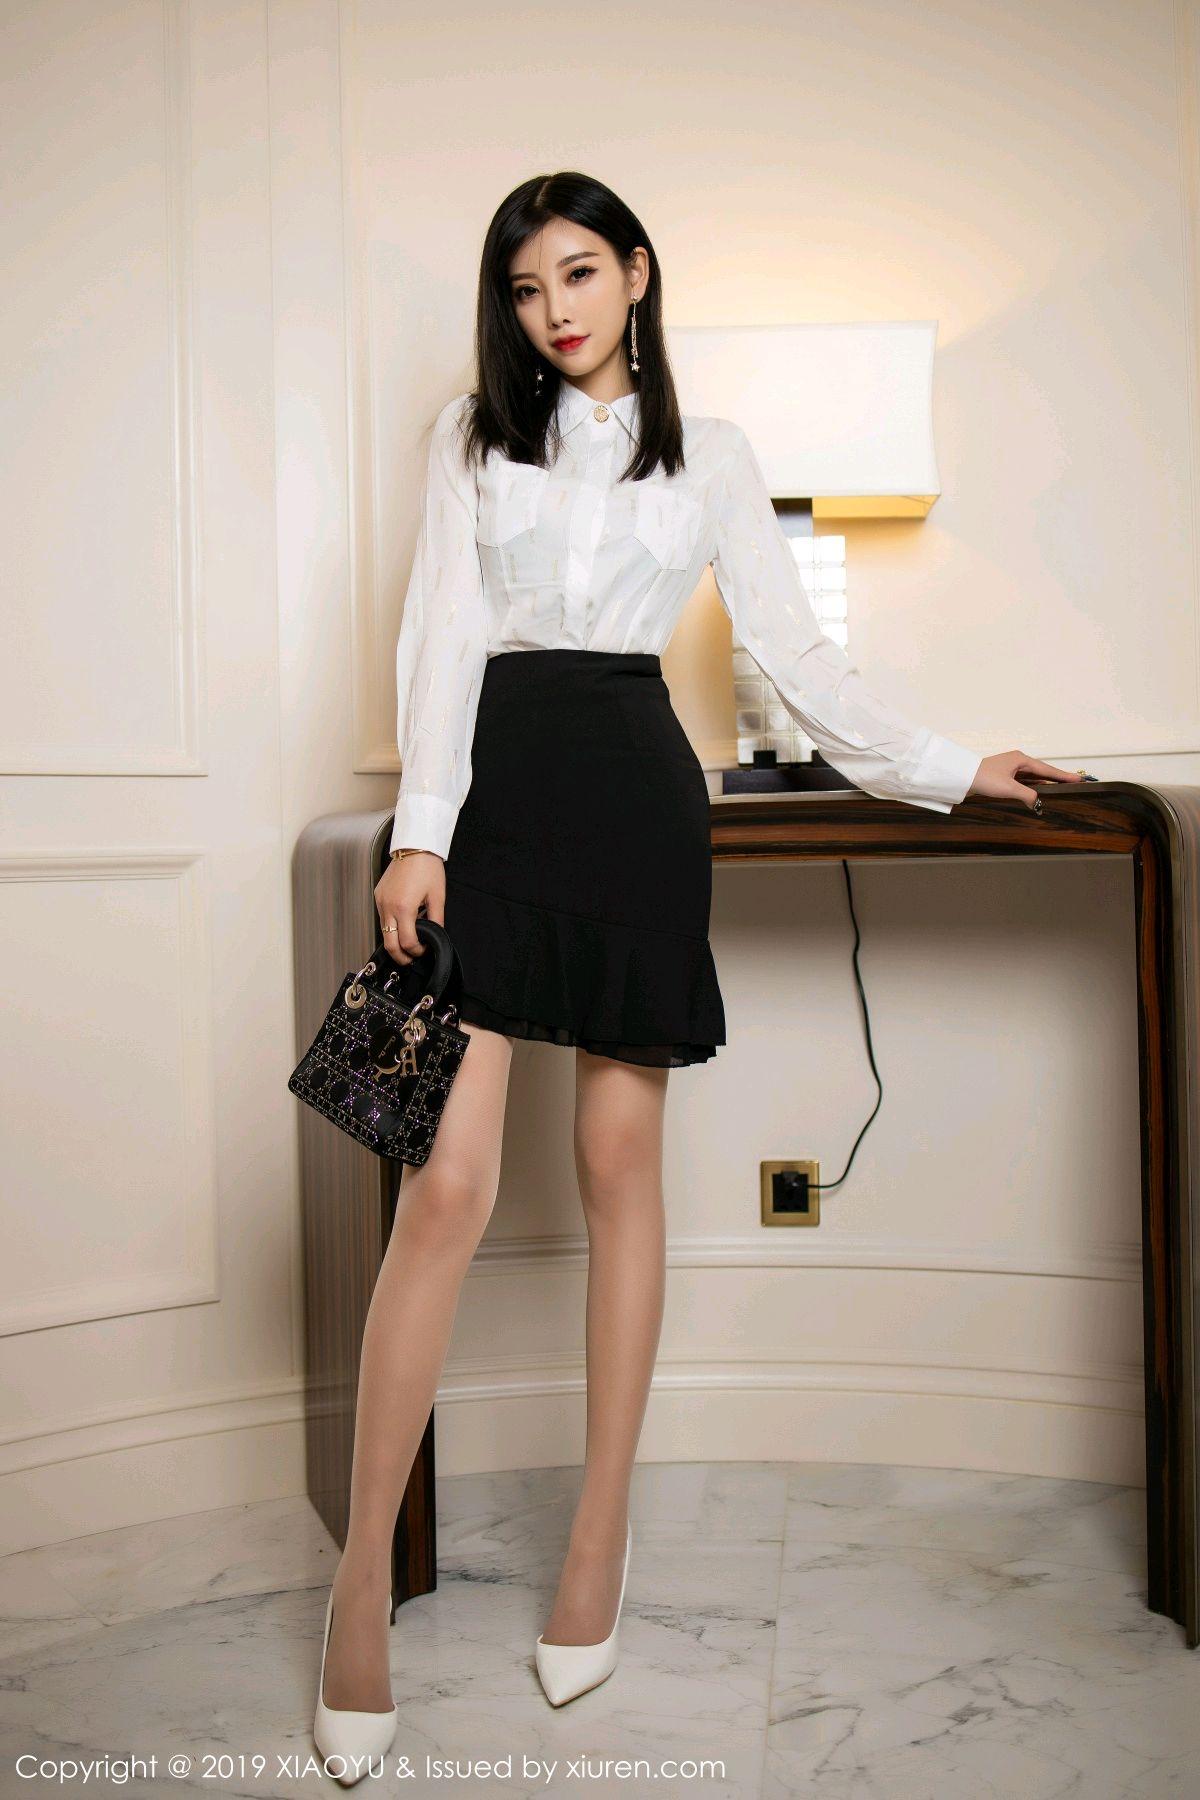 [XiaoYu] Vol.224 Yang Chen Chen 1P, Tall, Underwear, XiaoYu, Yang Chen Chen